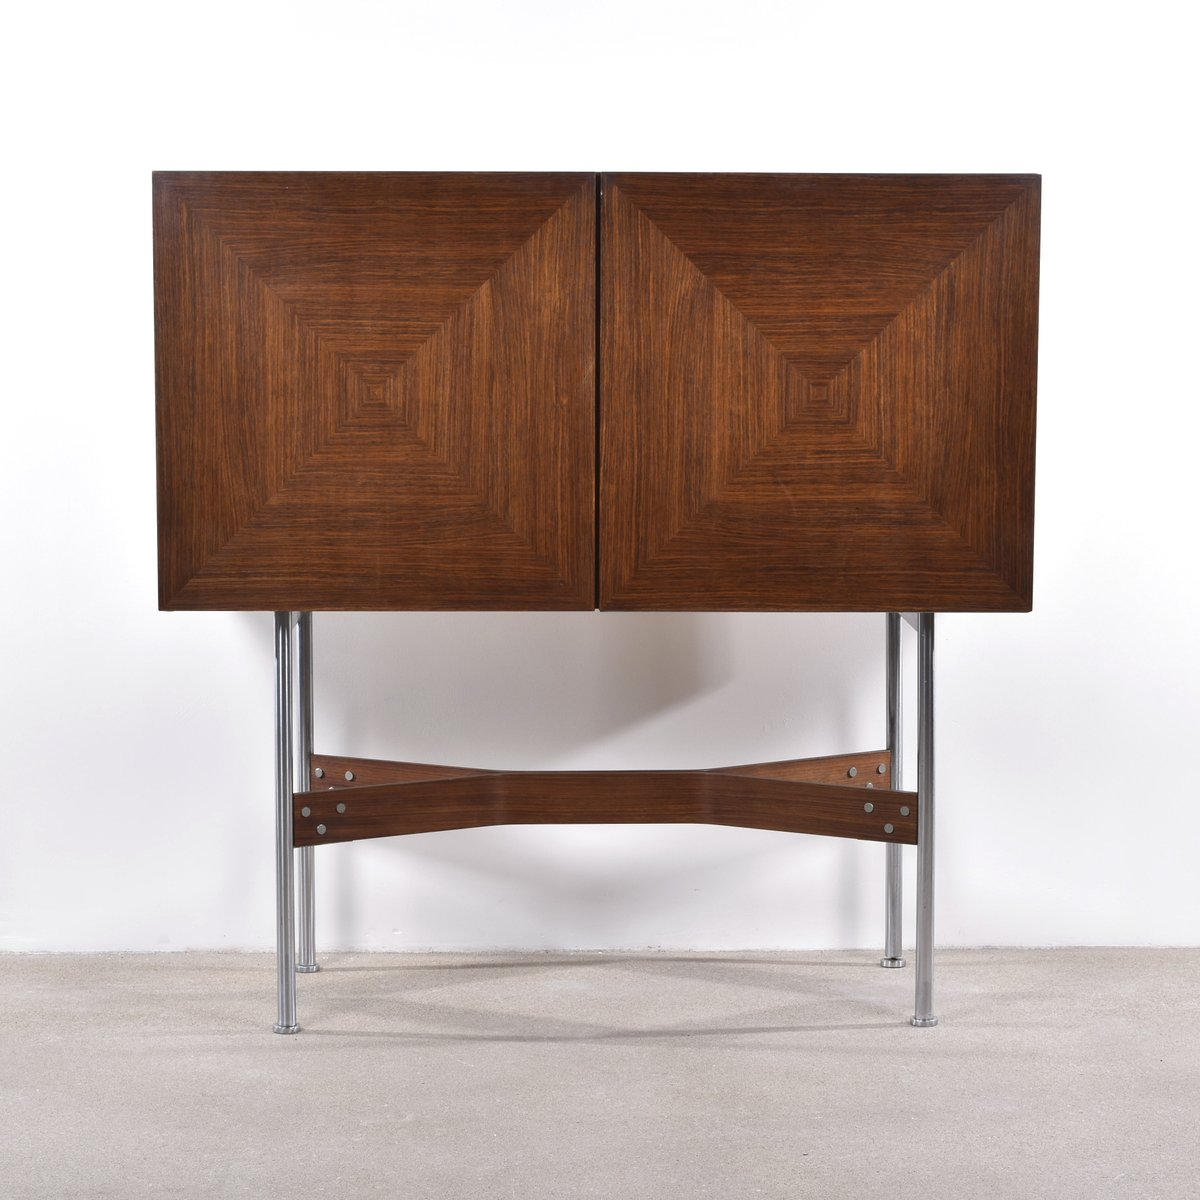 meuble de bar vintage par rudolf bernd glatzel pour fristho pays bas en vente sur pamono. Black Bedroom Furniture Sets. Home Design Ideas